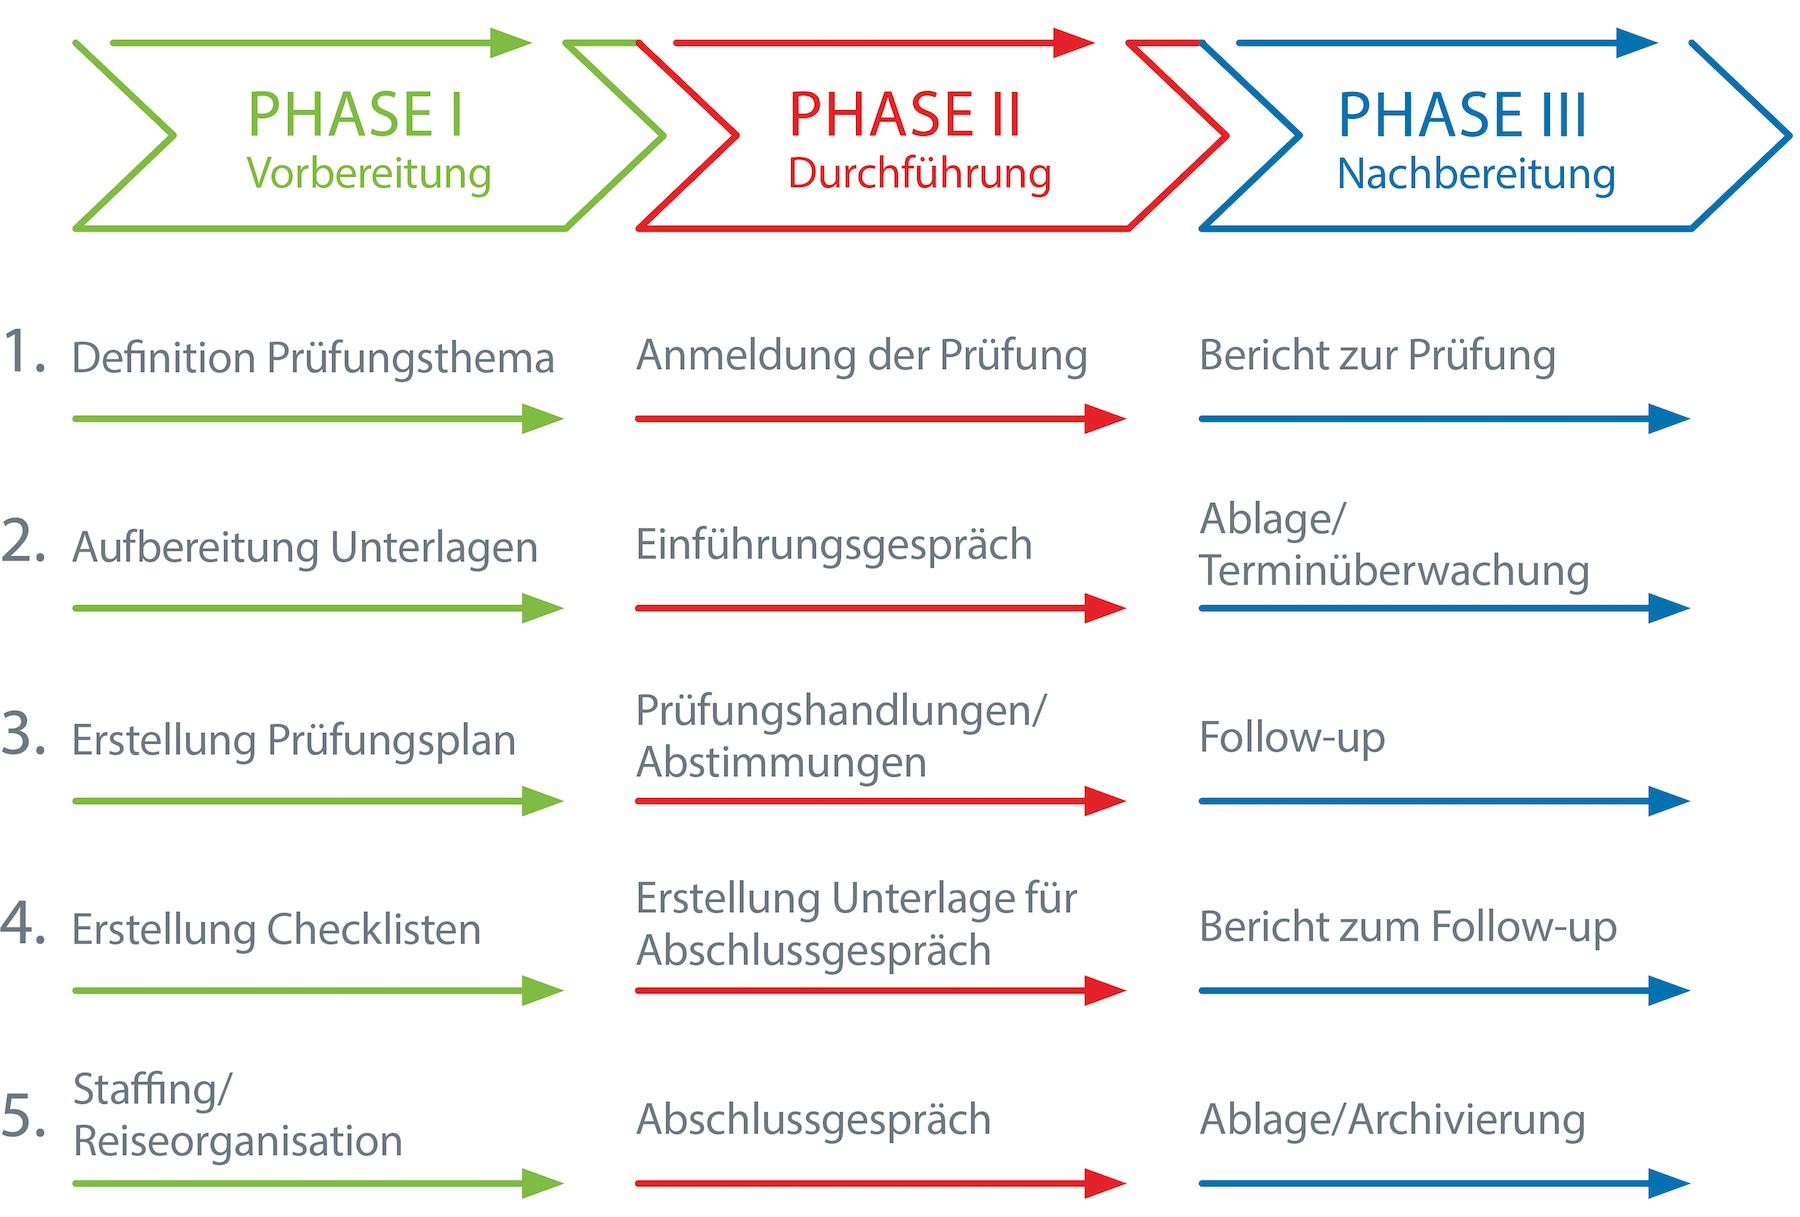 Großartig Musterprüfung Checkliste Vorlage Ideen - FORTSETZUNG ...